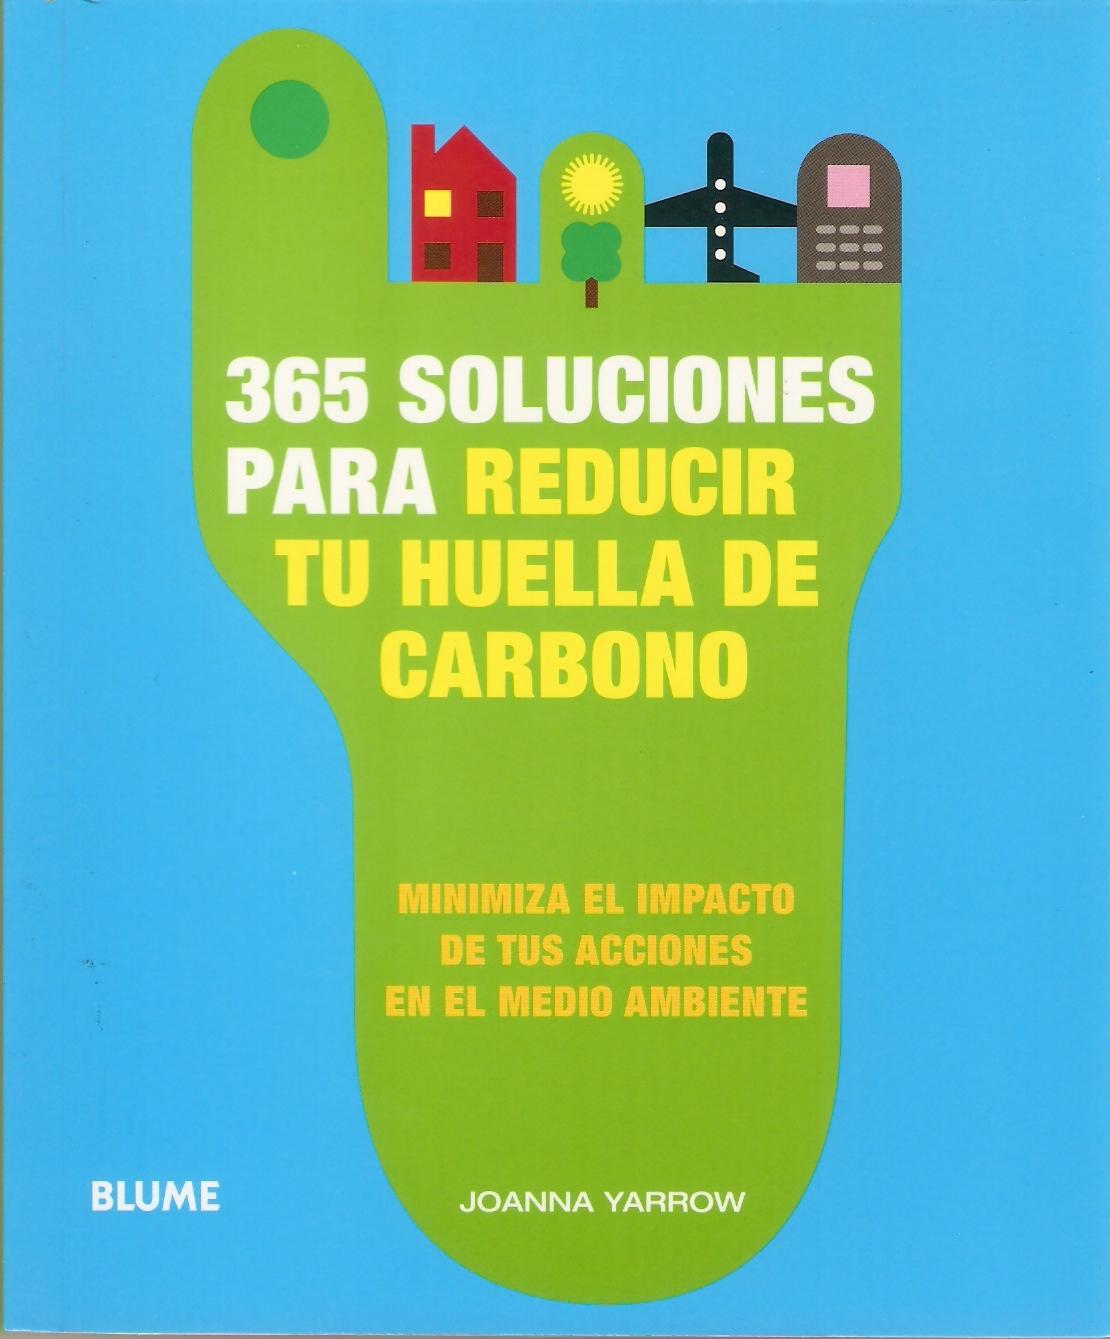 365 SOLUCIONES PARA REDUCIR TU HUELLA DE CARBONO MINIMIZA EL IMPA CTO DE TUS ACCION EN EL MEDIO AMBIENTE